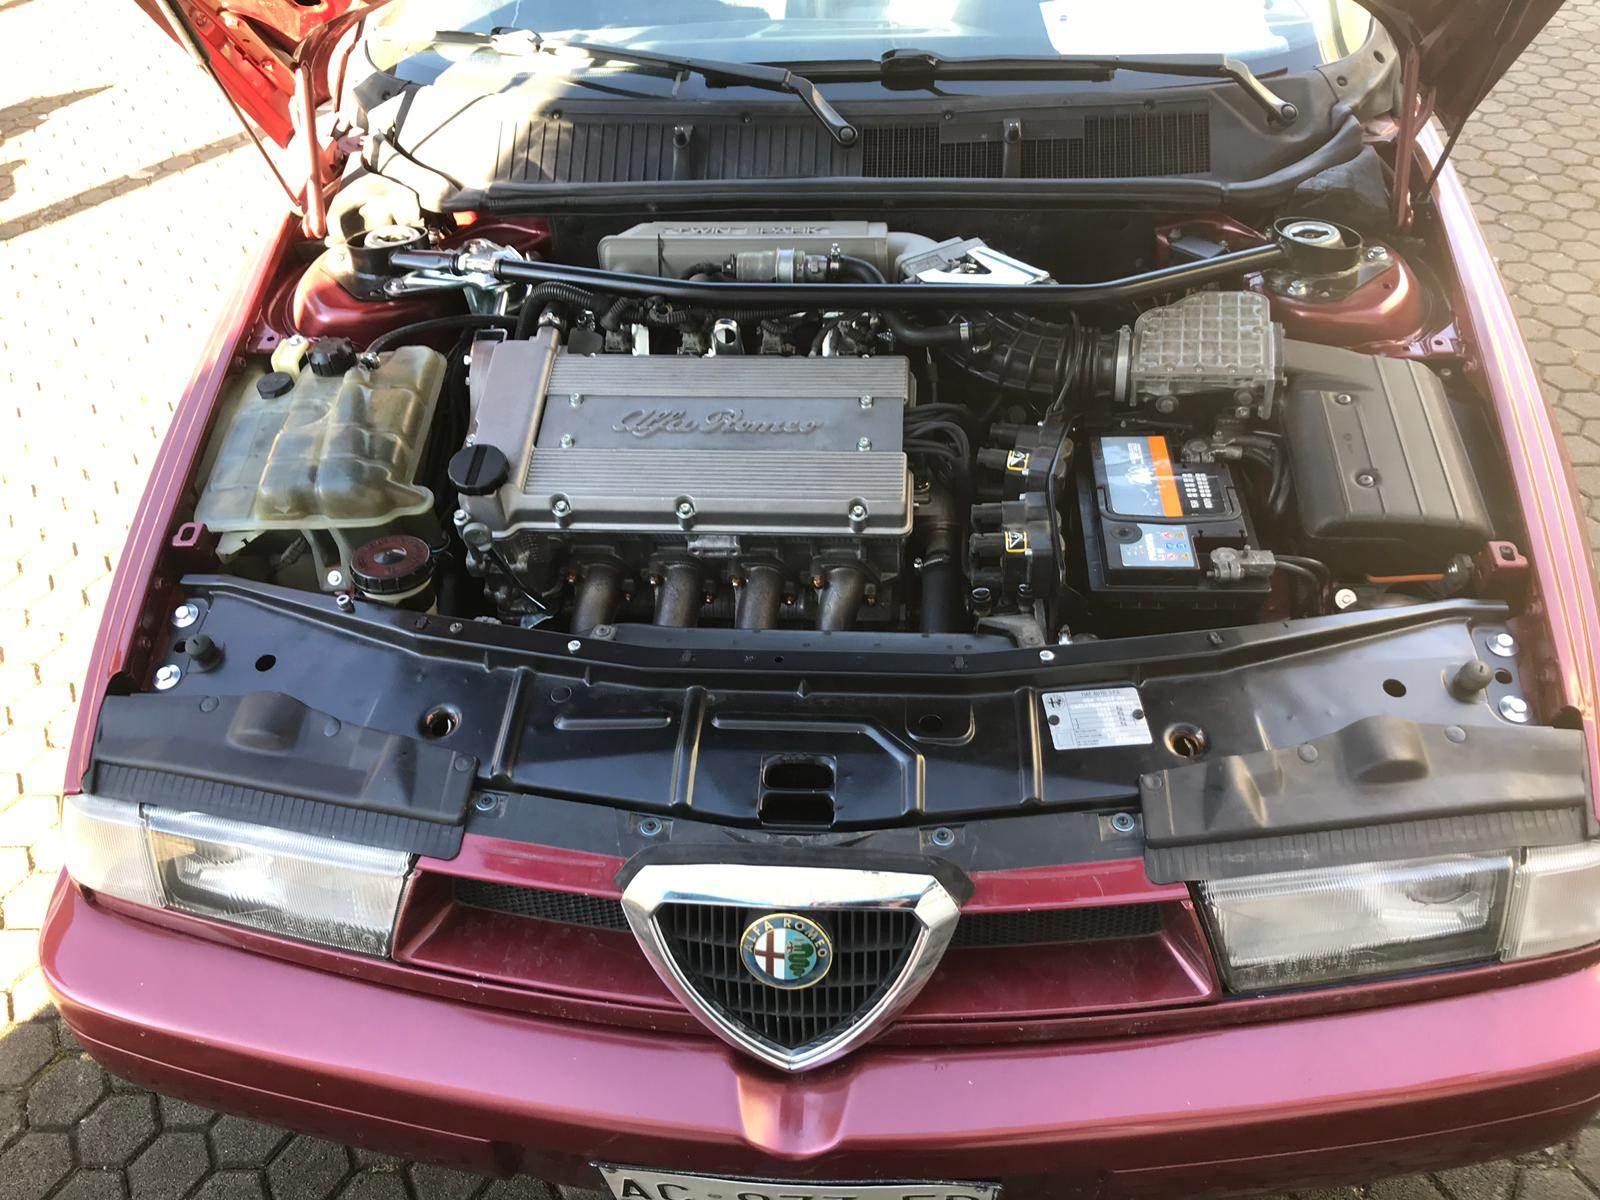 foto Alfa Romeo 155 T.S.  1995 rosso proteo  Livigno (Sondrio) - 1